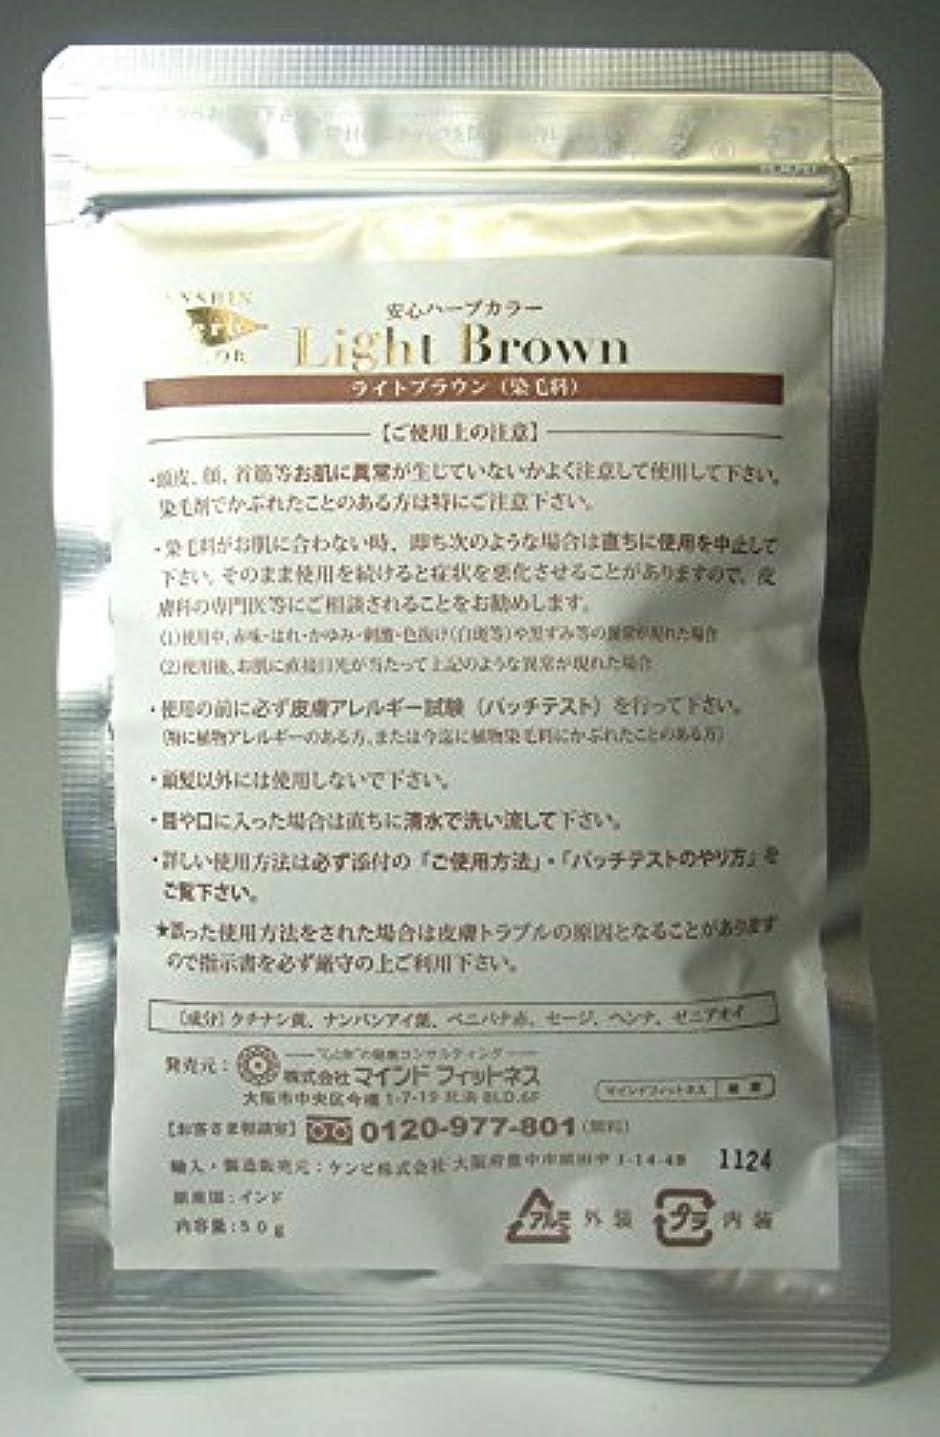 ウルル資格導入する安心ハーブカラー?ライトブラウン(メーカー公式)/【東京ビッグサイトでのダイエット&ビューティーフェア2019出展により9月7日から11日まで受注のみ。出荷開始は12日木曜日となります。】